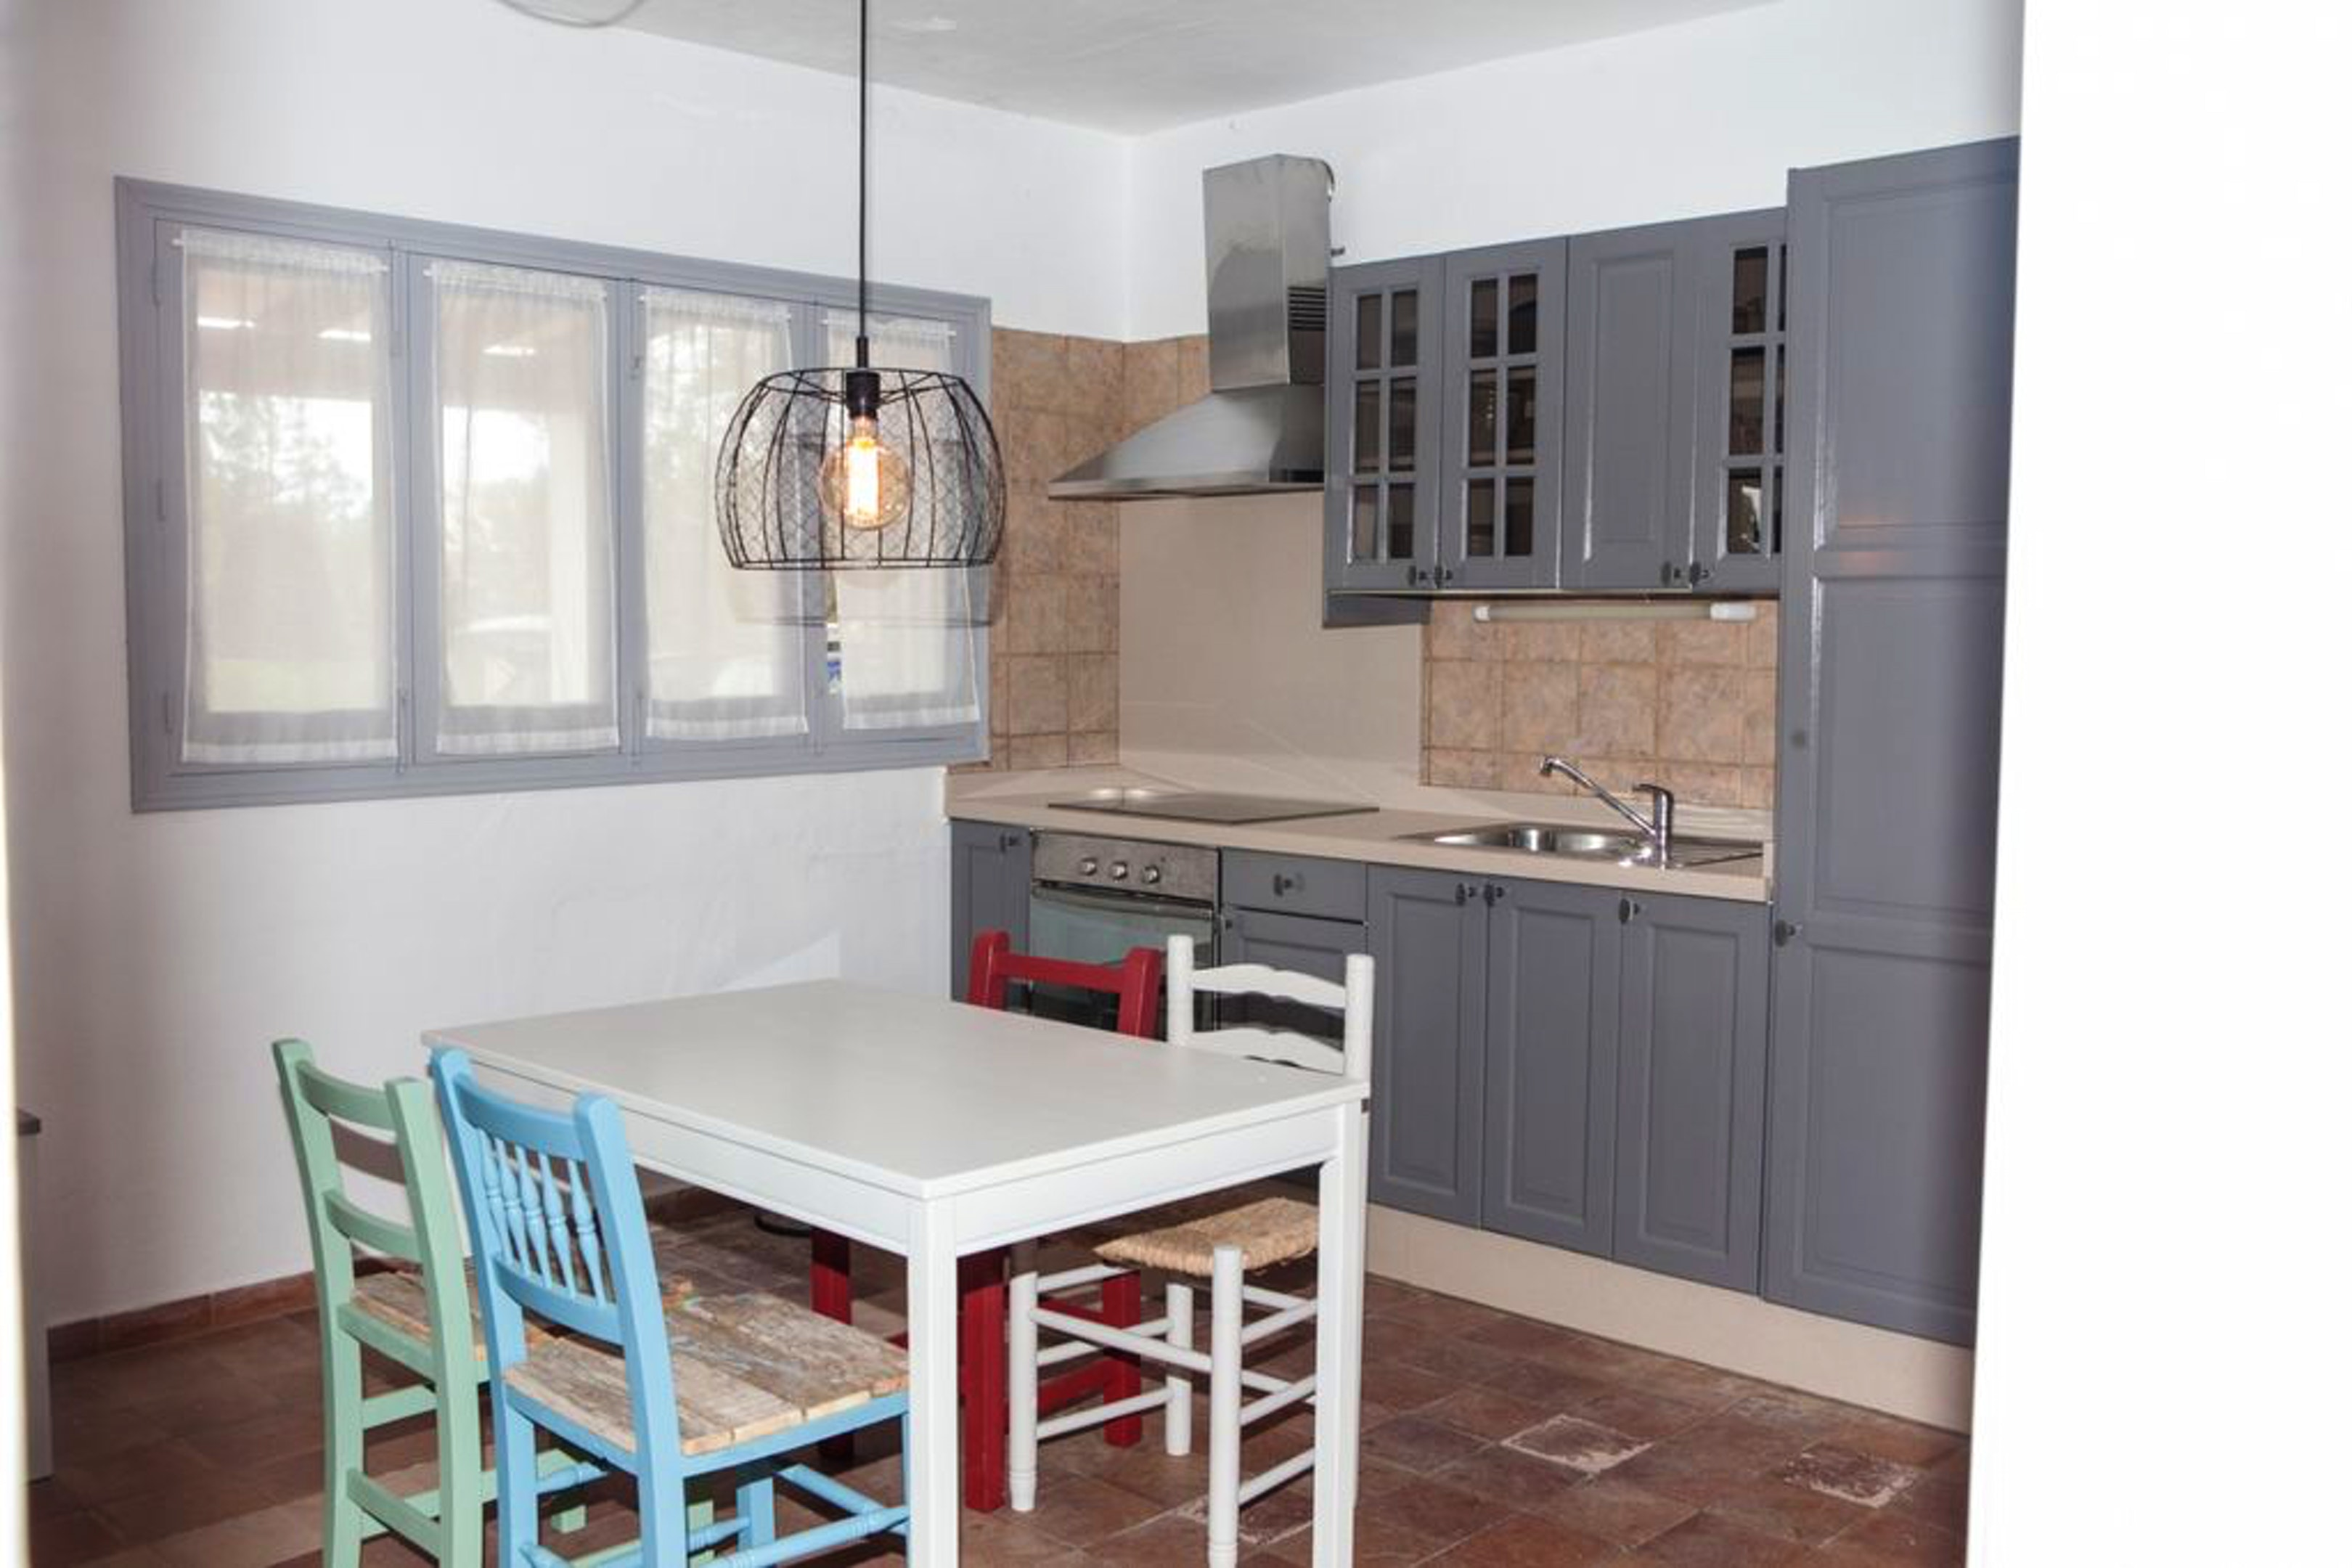 Maison de vacances Haus mit 3 Schlafzimmern in Formentera mit eingezäuntem Garten und W-LAN - 5 km vom Strand (2620580), San Francisco Javier, Formentera, Iles Baléares, Espagne, image 14